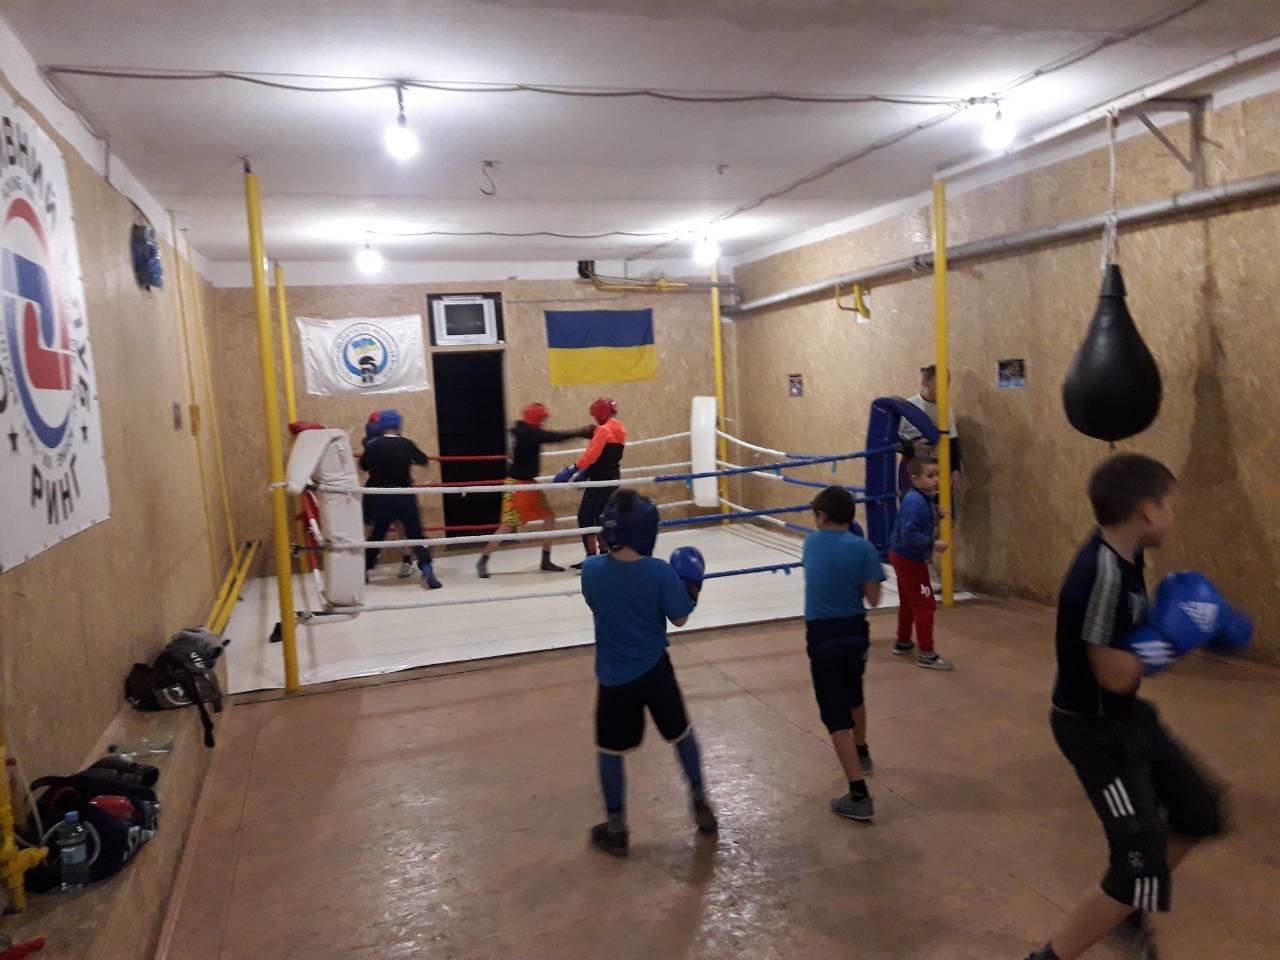 Херсонские боксеры начали подготовку к чемпионату Украины, фото-1